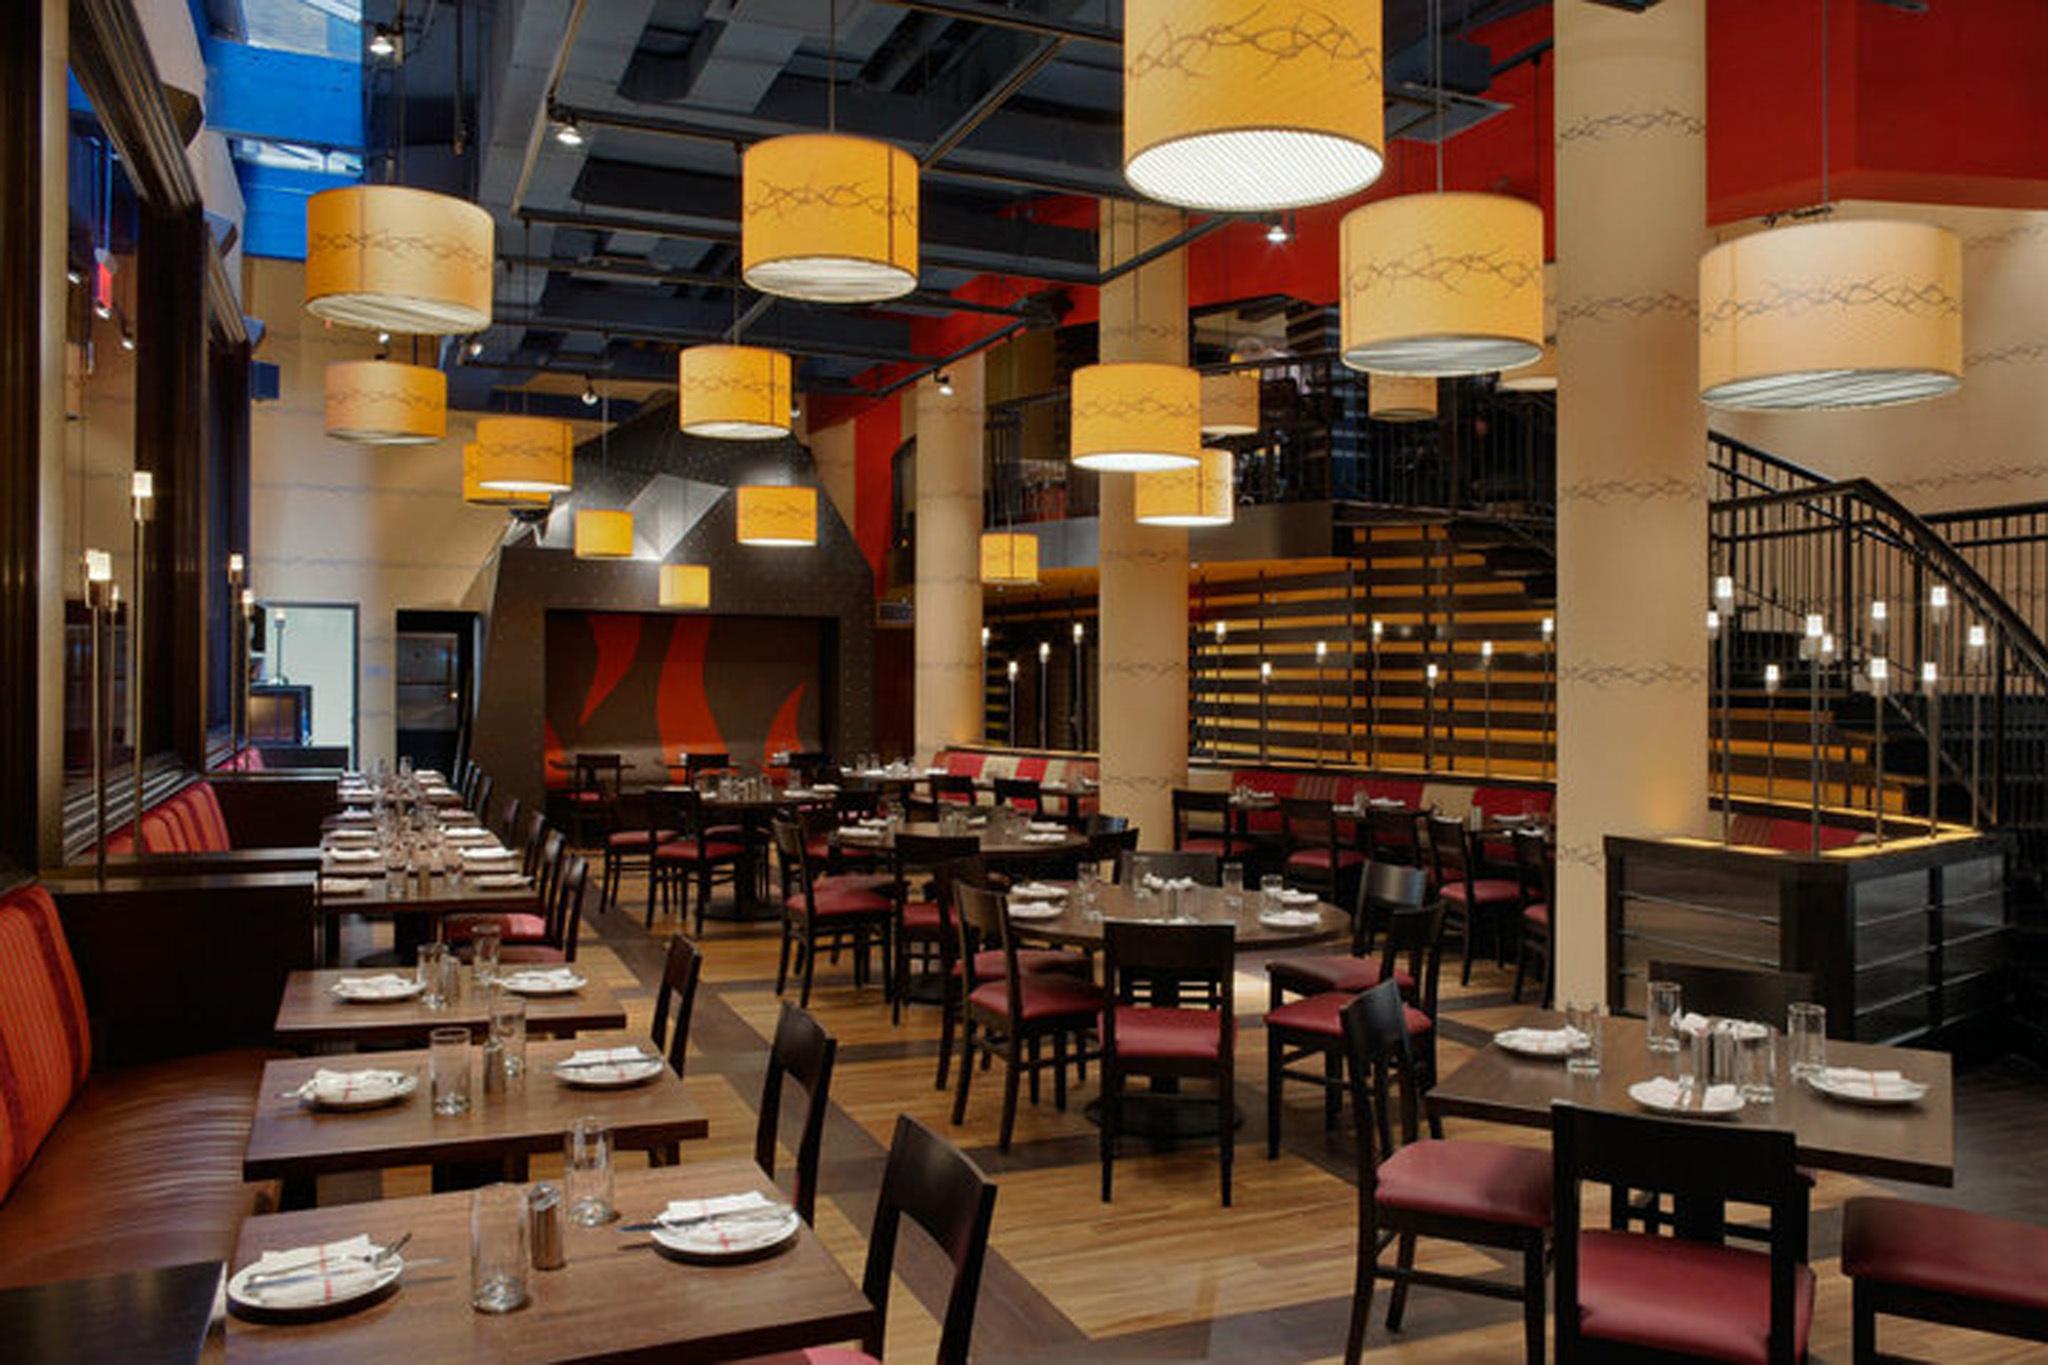 Hilton new york fashion district reviews 43